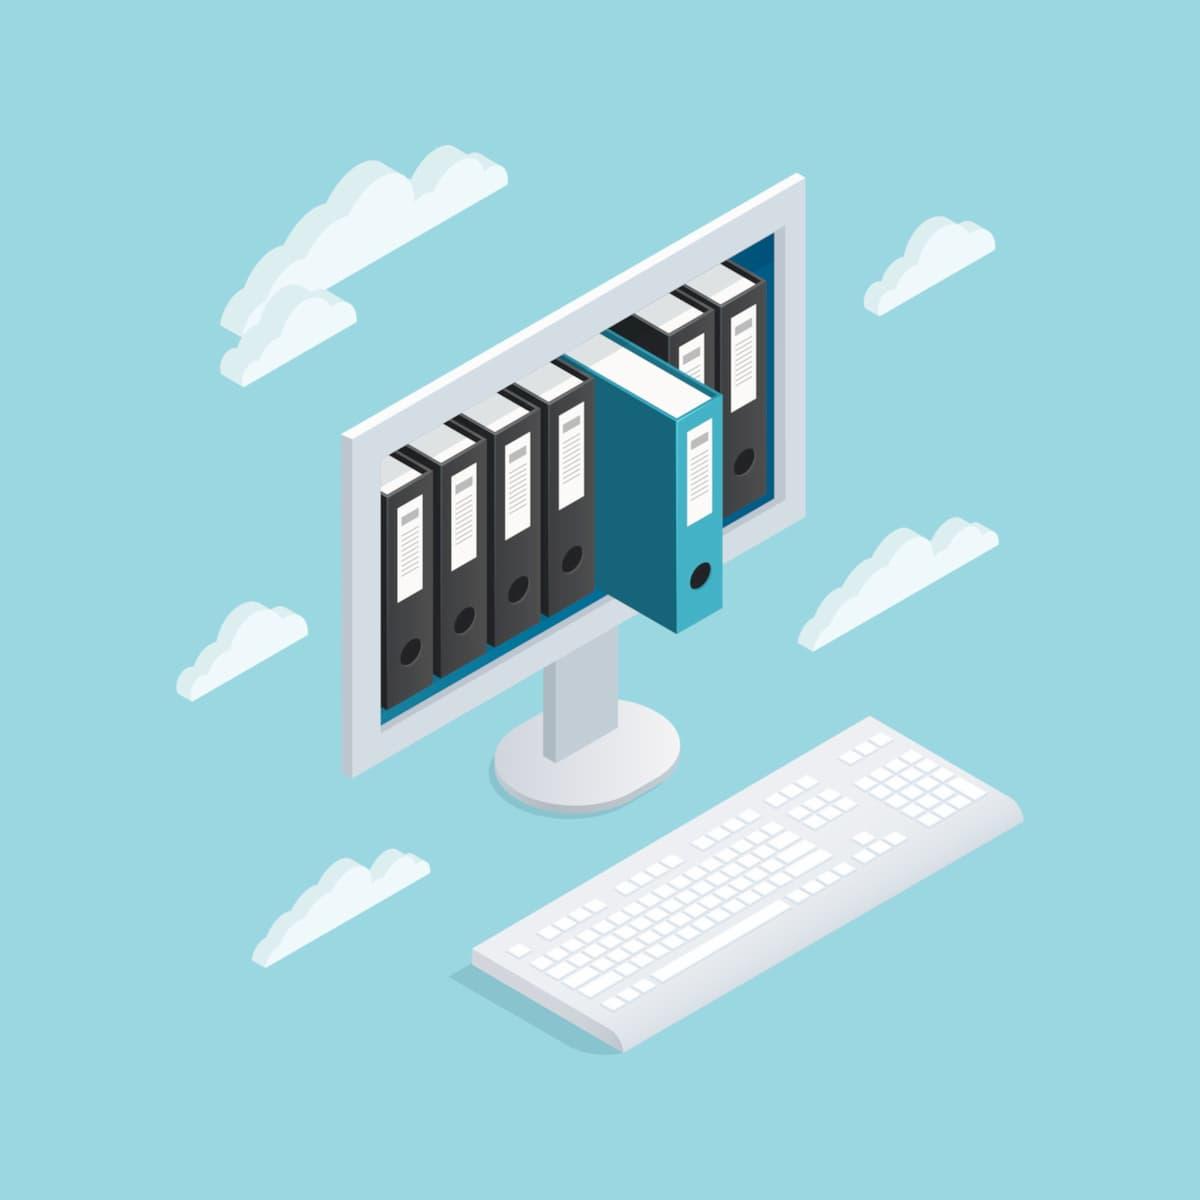 Obieg dokumentów z Office 365